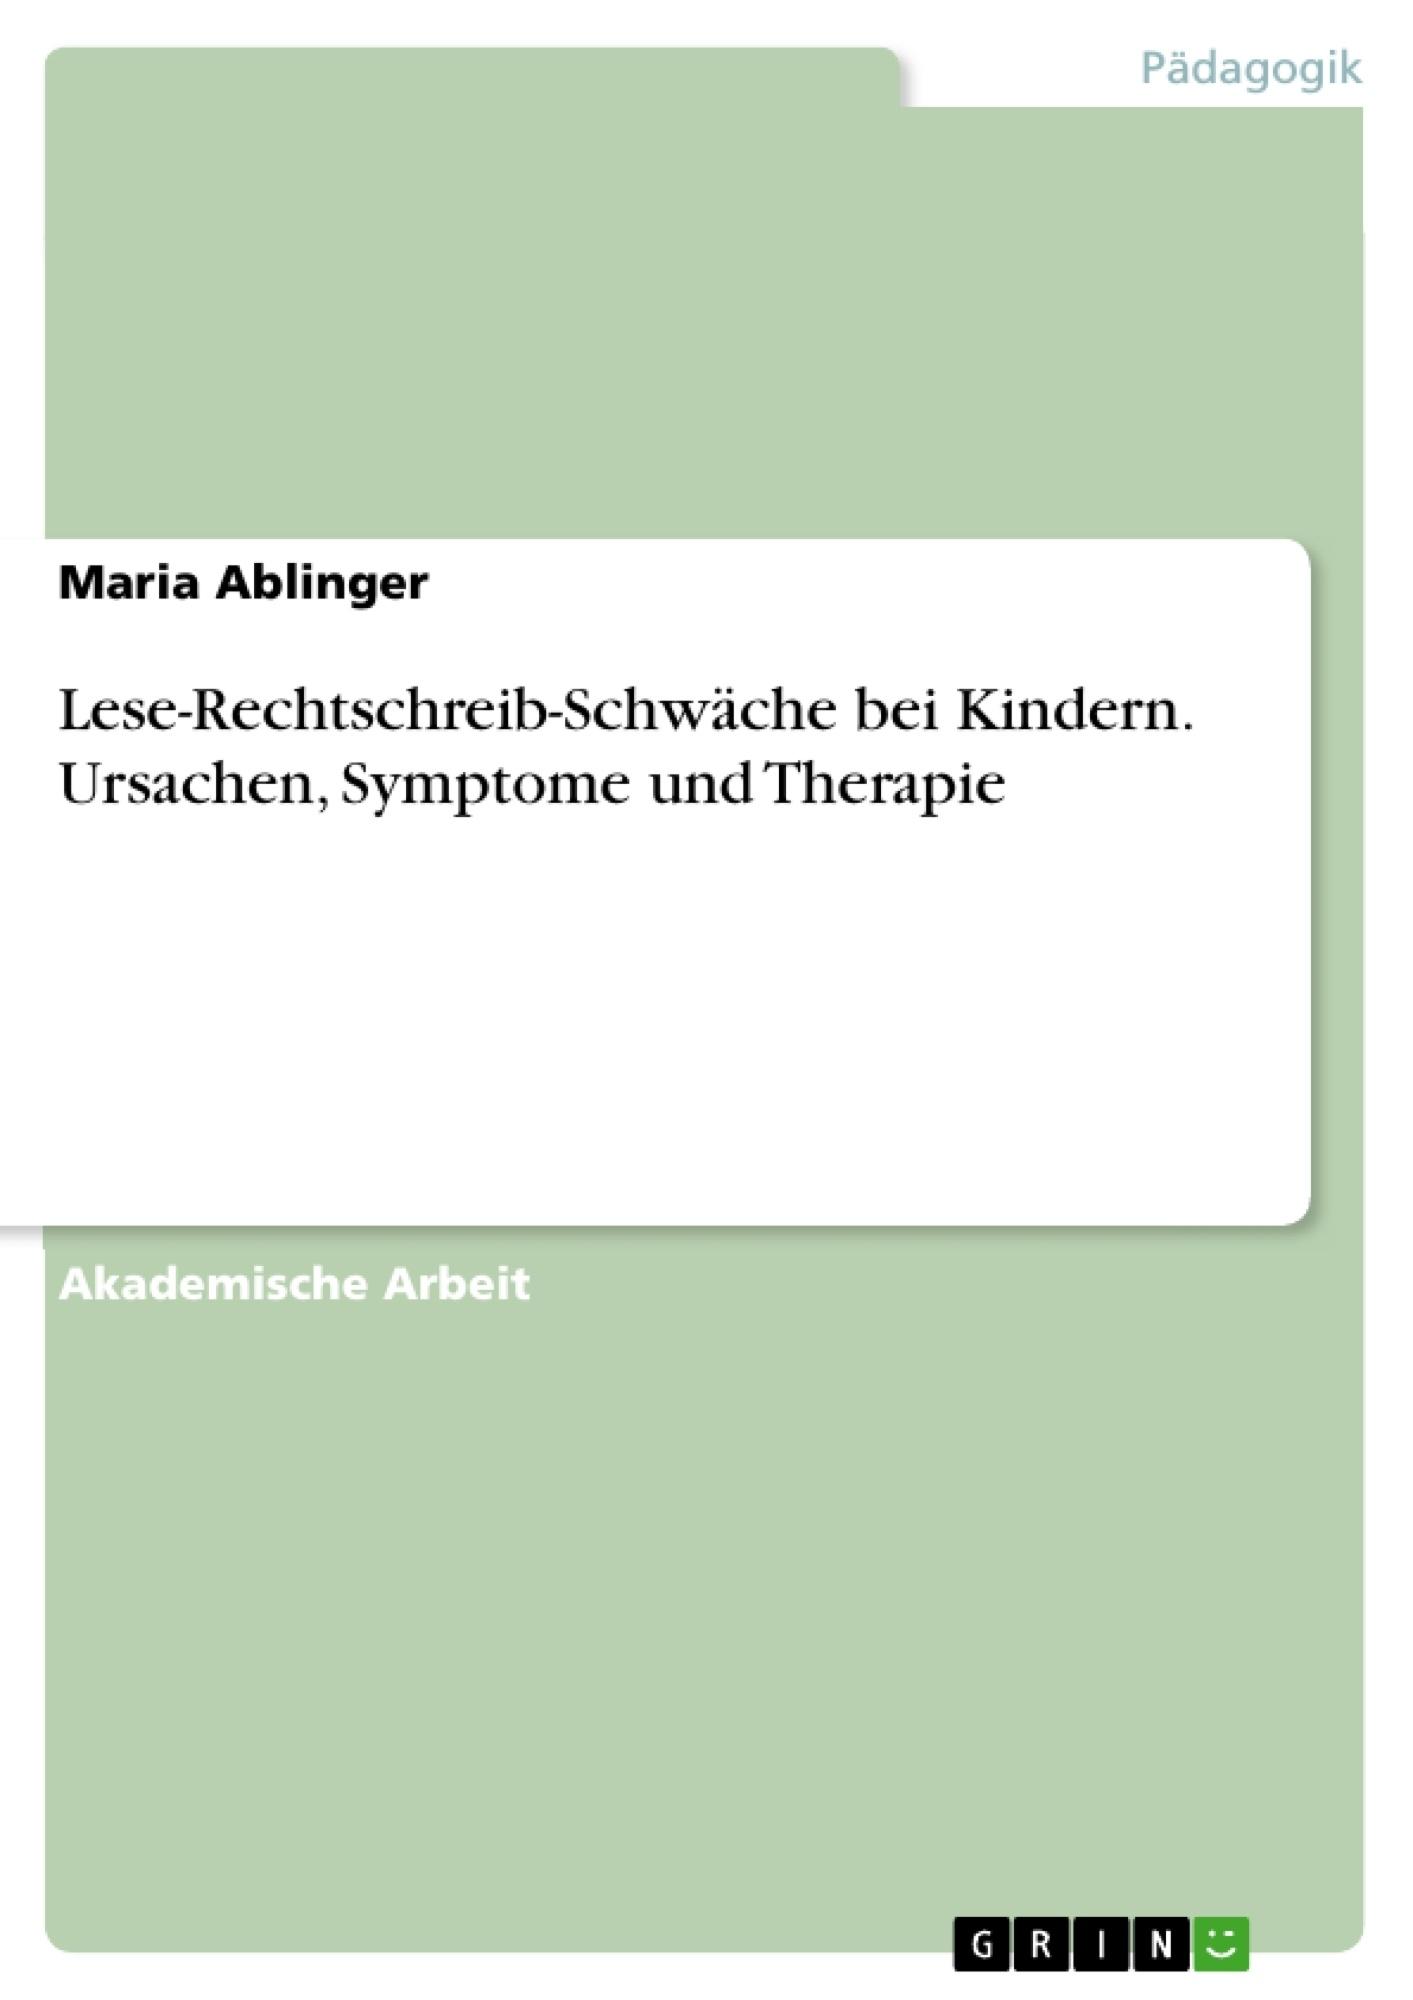 Titel: Lese-Rechtschreib-Schwäche bei Kindern. Ursachen, Symptome und Therapie